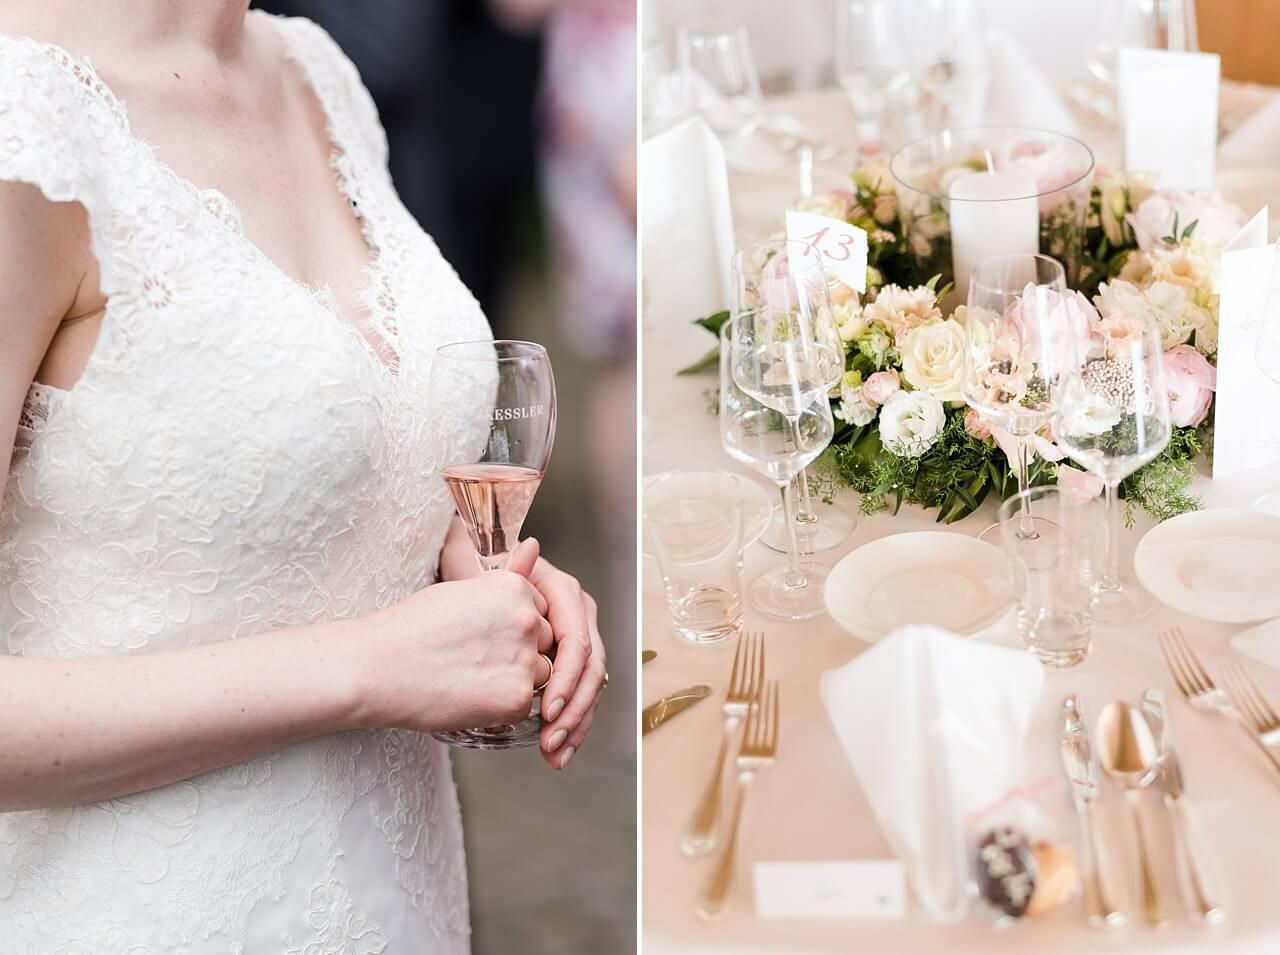 Rebecca Conte Fotografie: Hochzeit auf Burg Staufeneck 13